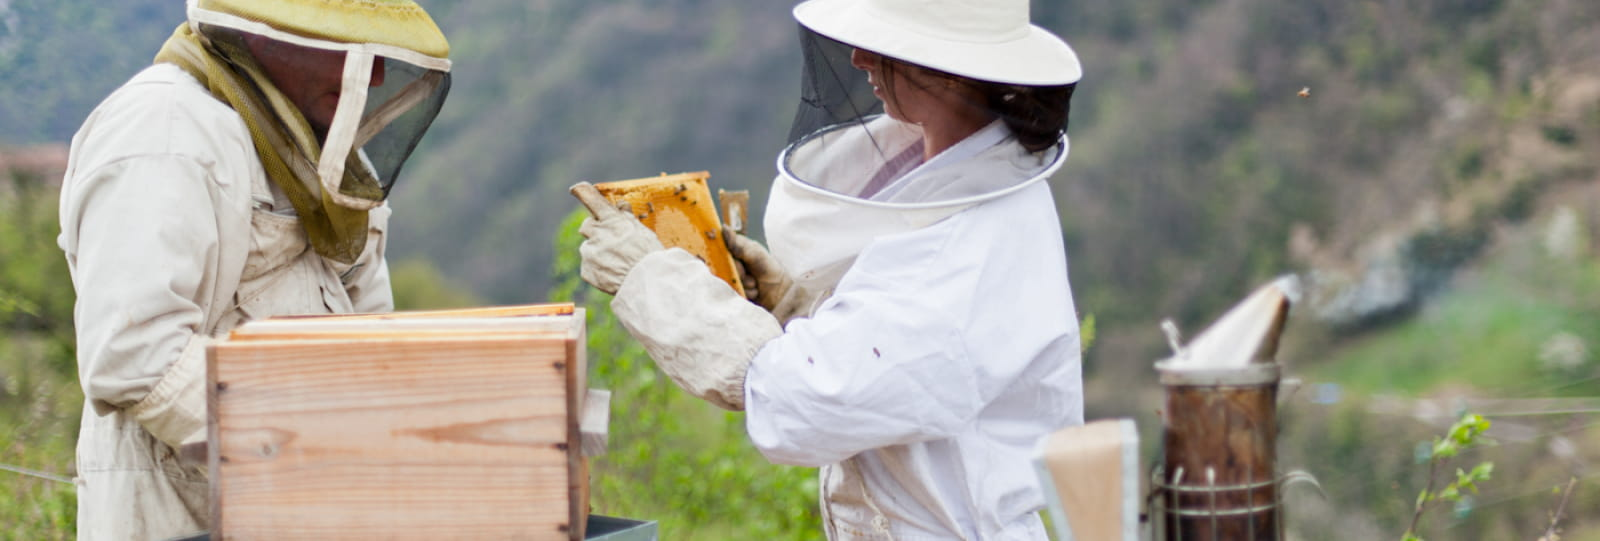 Bienenzucht L'Abeille du Vercors